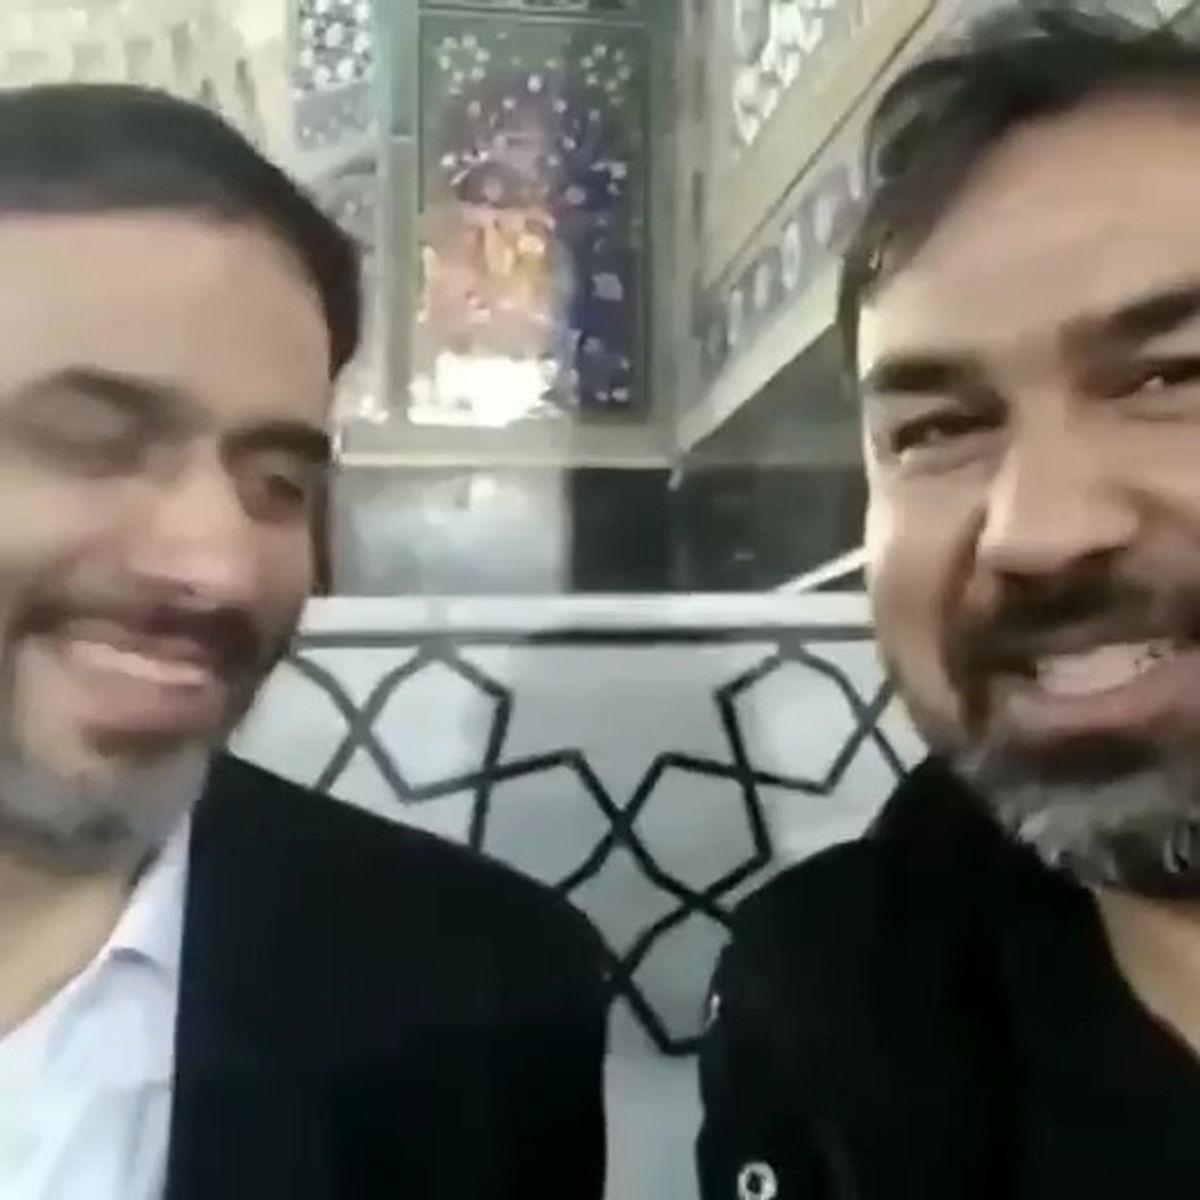 سردار سعید محمد رسما اعلام کاندیداتوری کرد